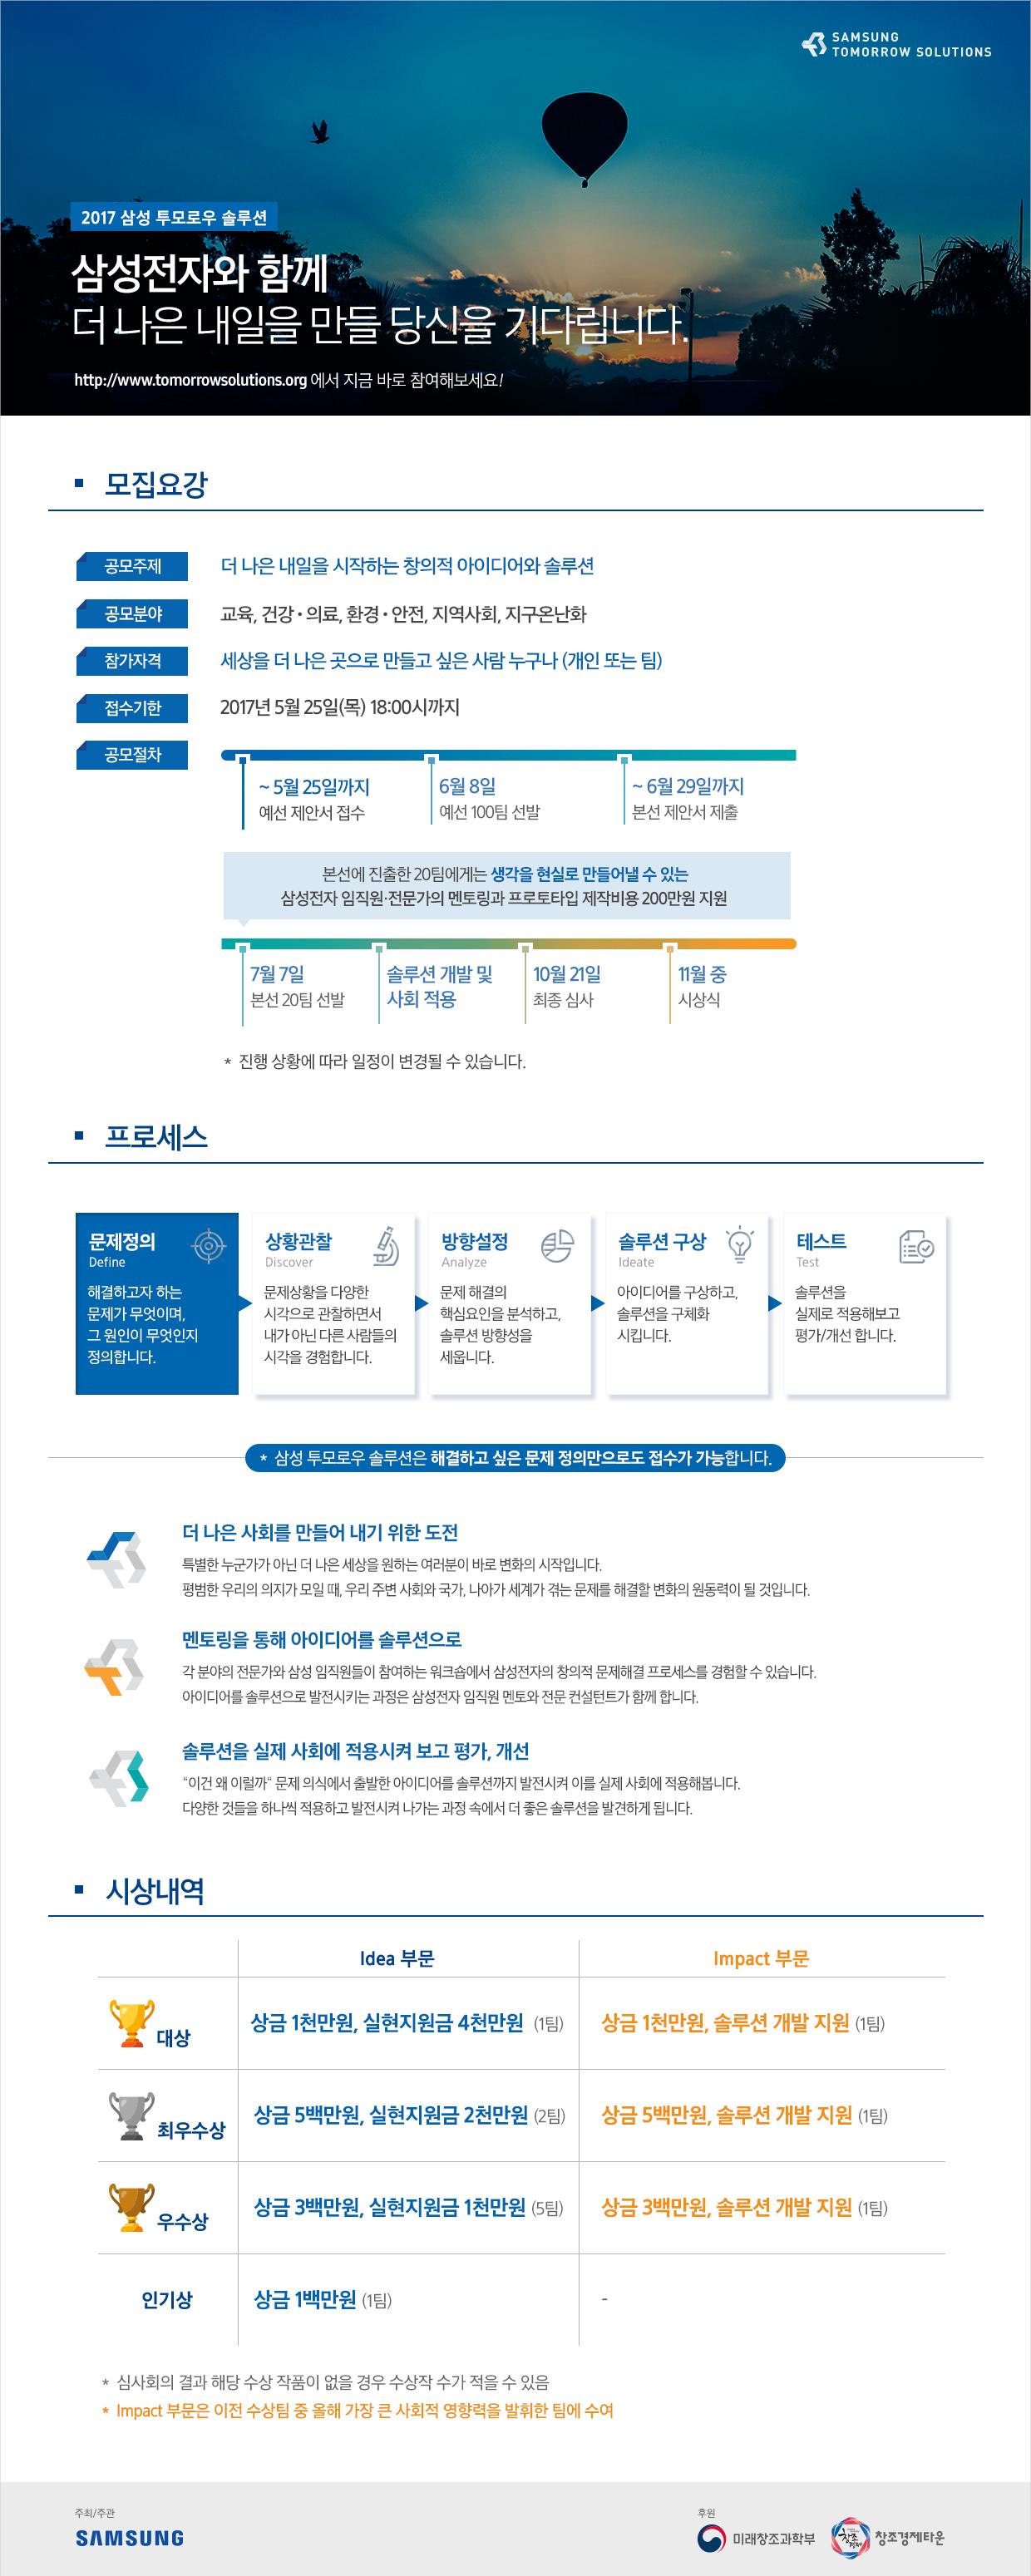 [웹플라이어] 2017 삼성 투모로우 솔루션.PNG